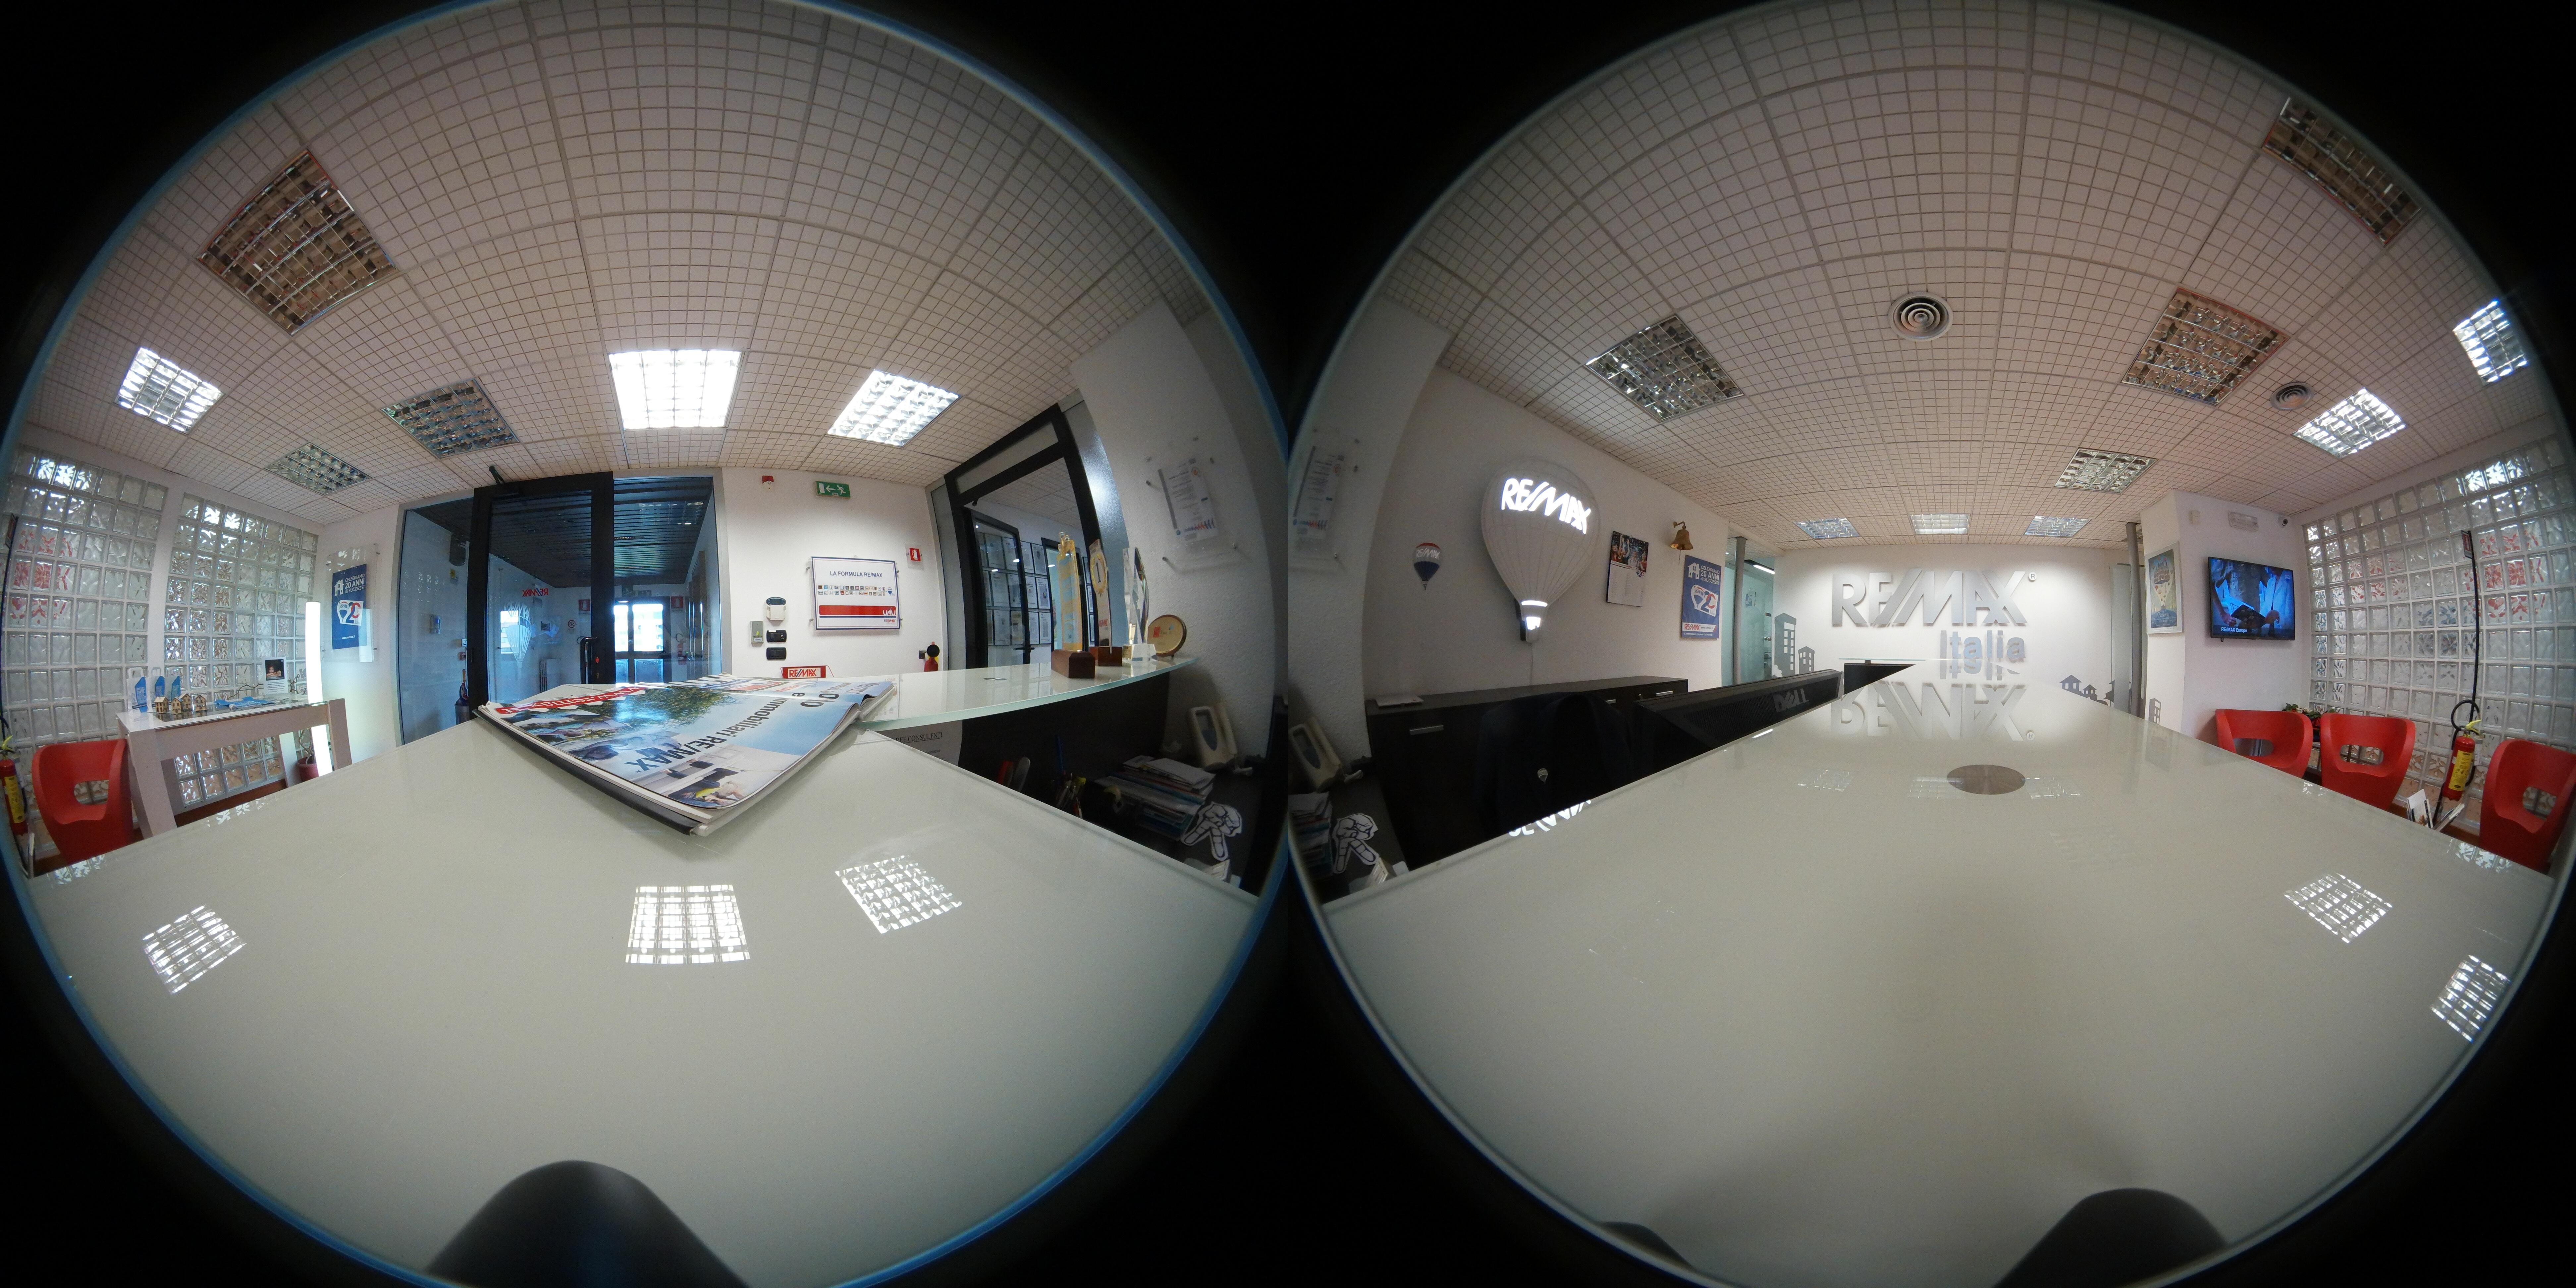 bàn nhiếp ảnh Văn phòng Thiết kế Vr Trò chơi 360 Công ty Thực tế ảo